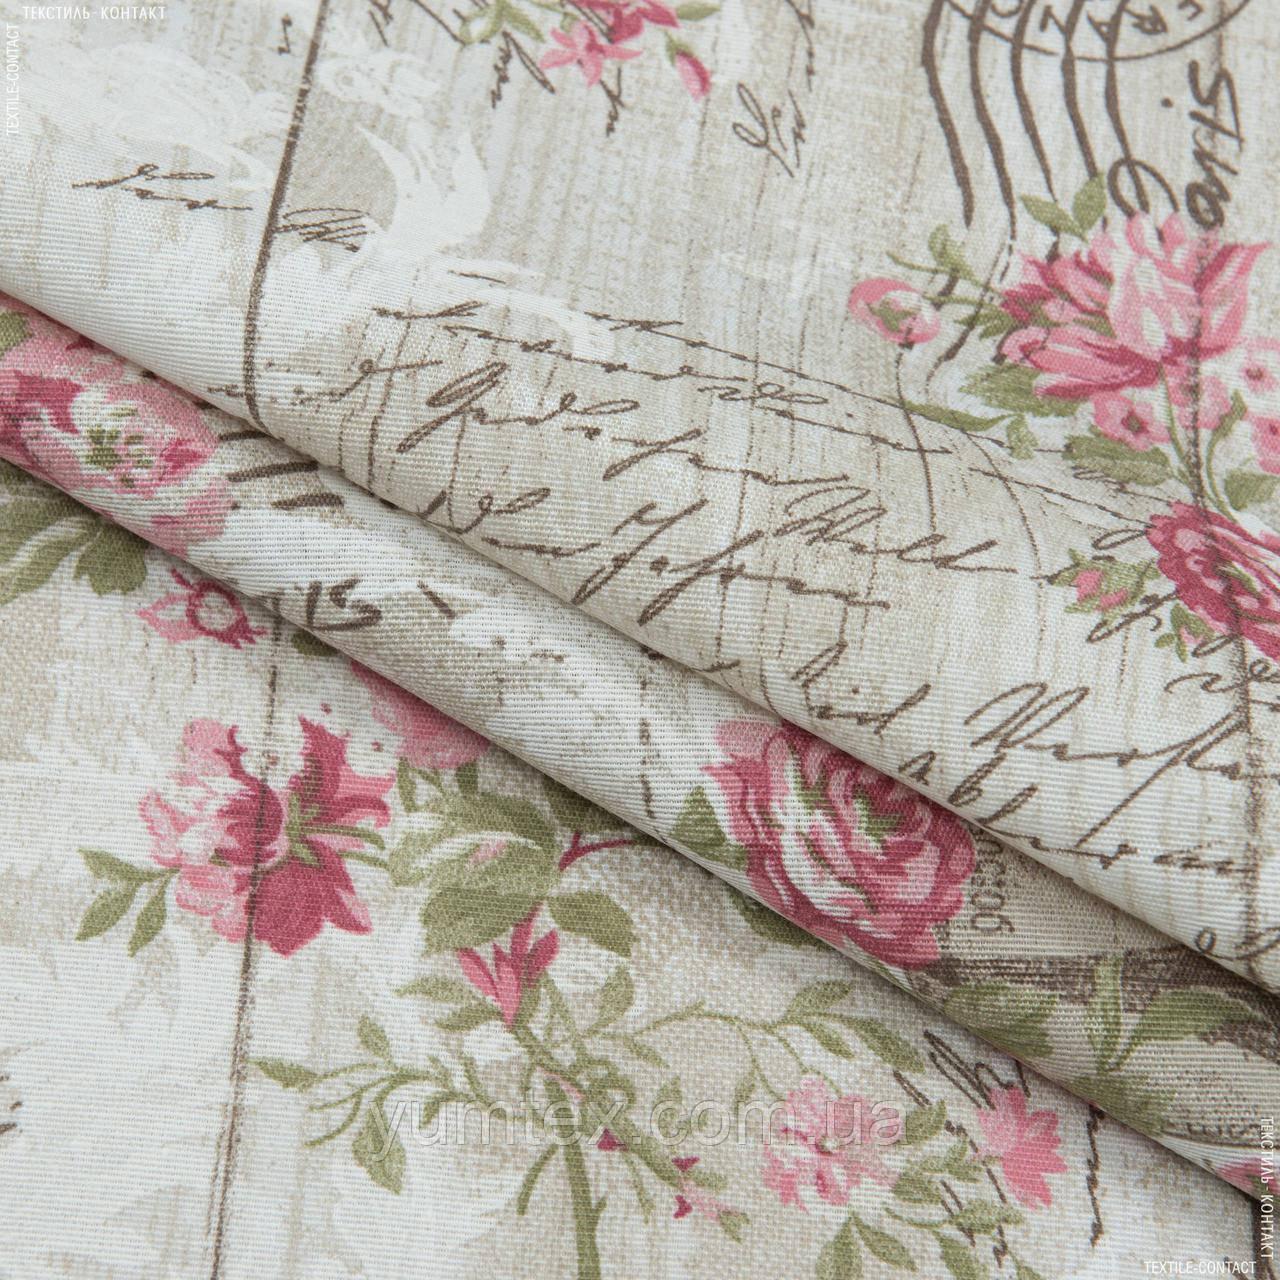 Декоративная ткань  агата / почта парижа,беж,розовый 146552